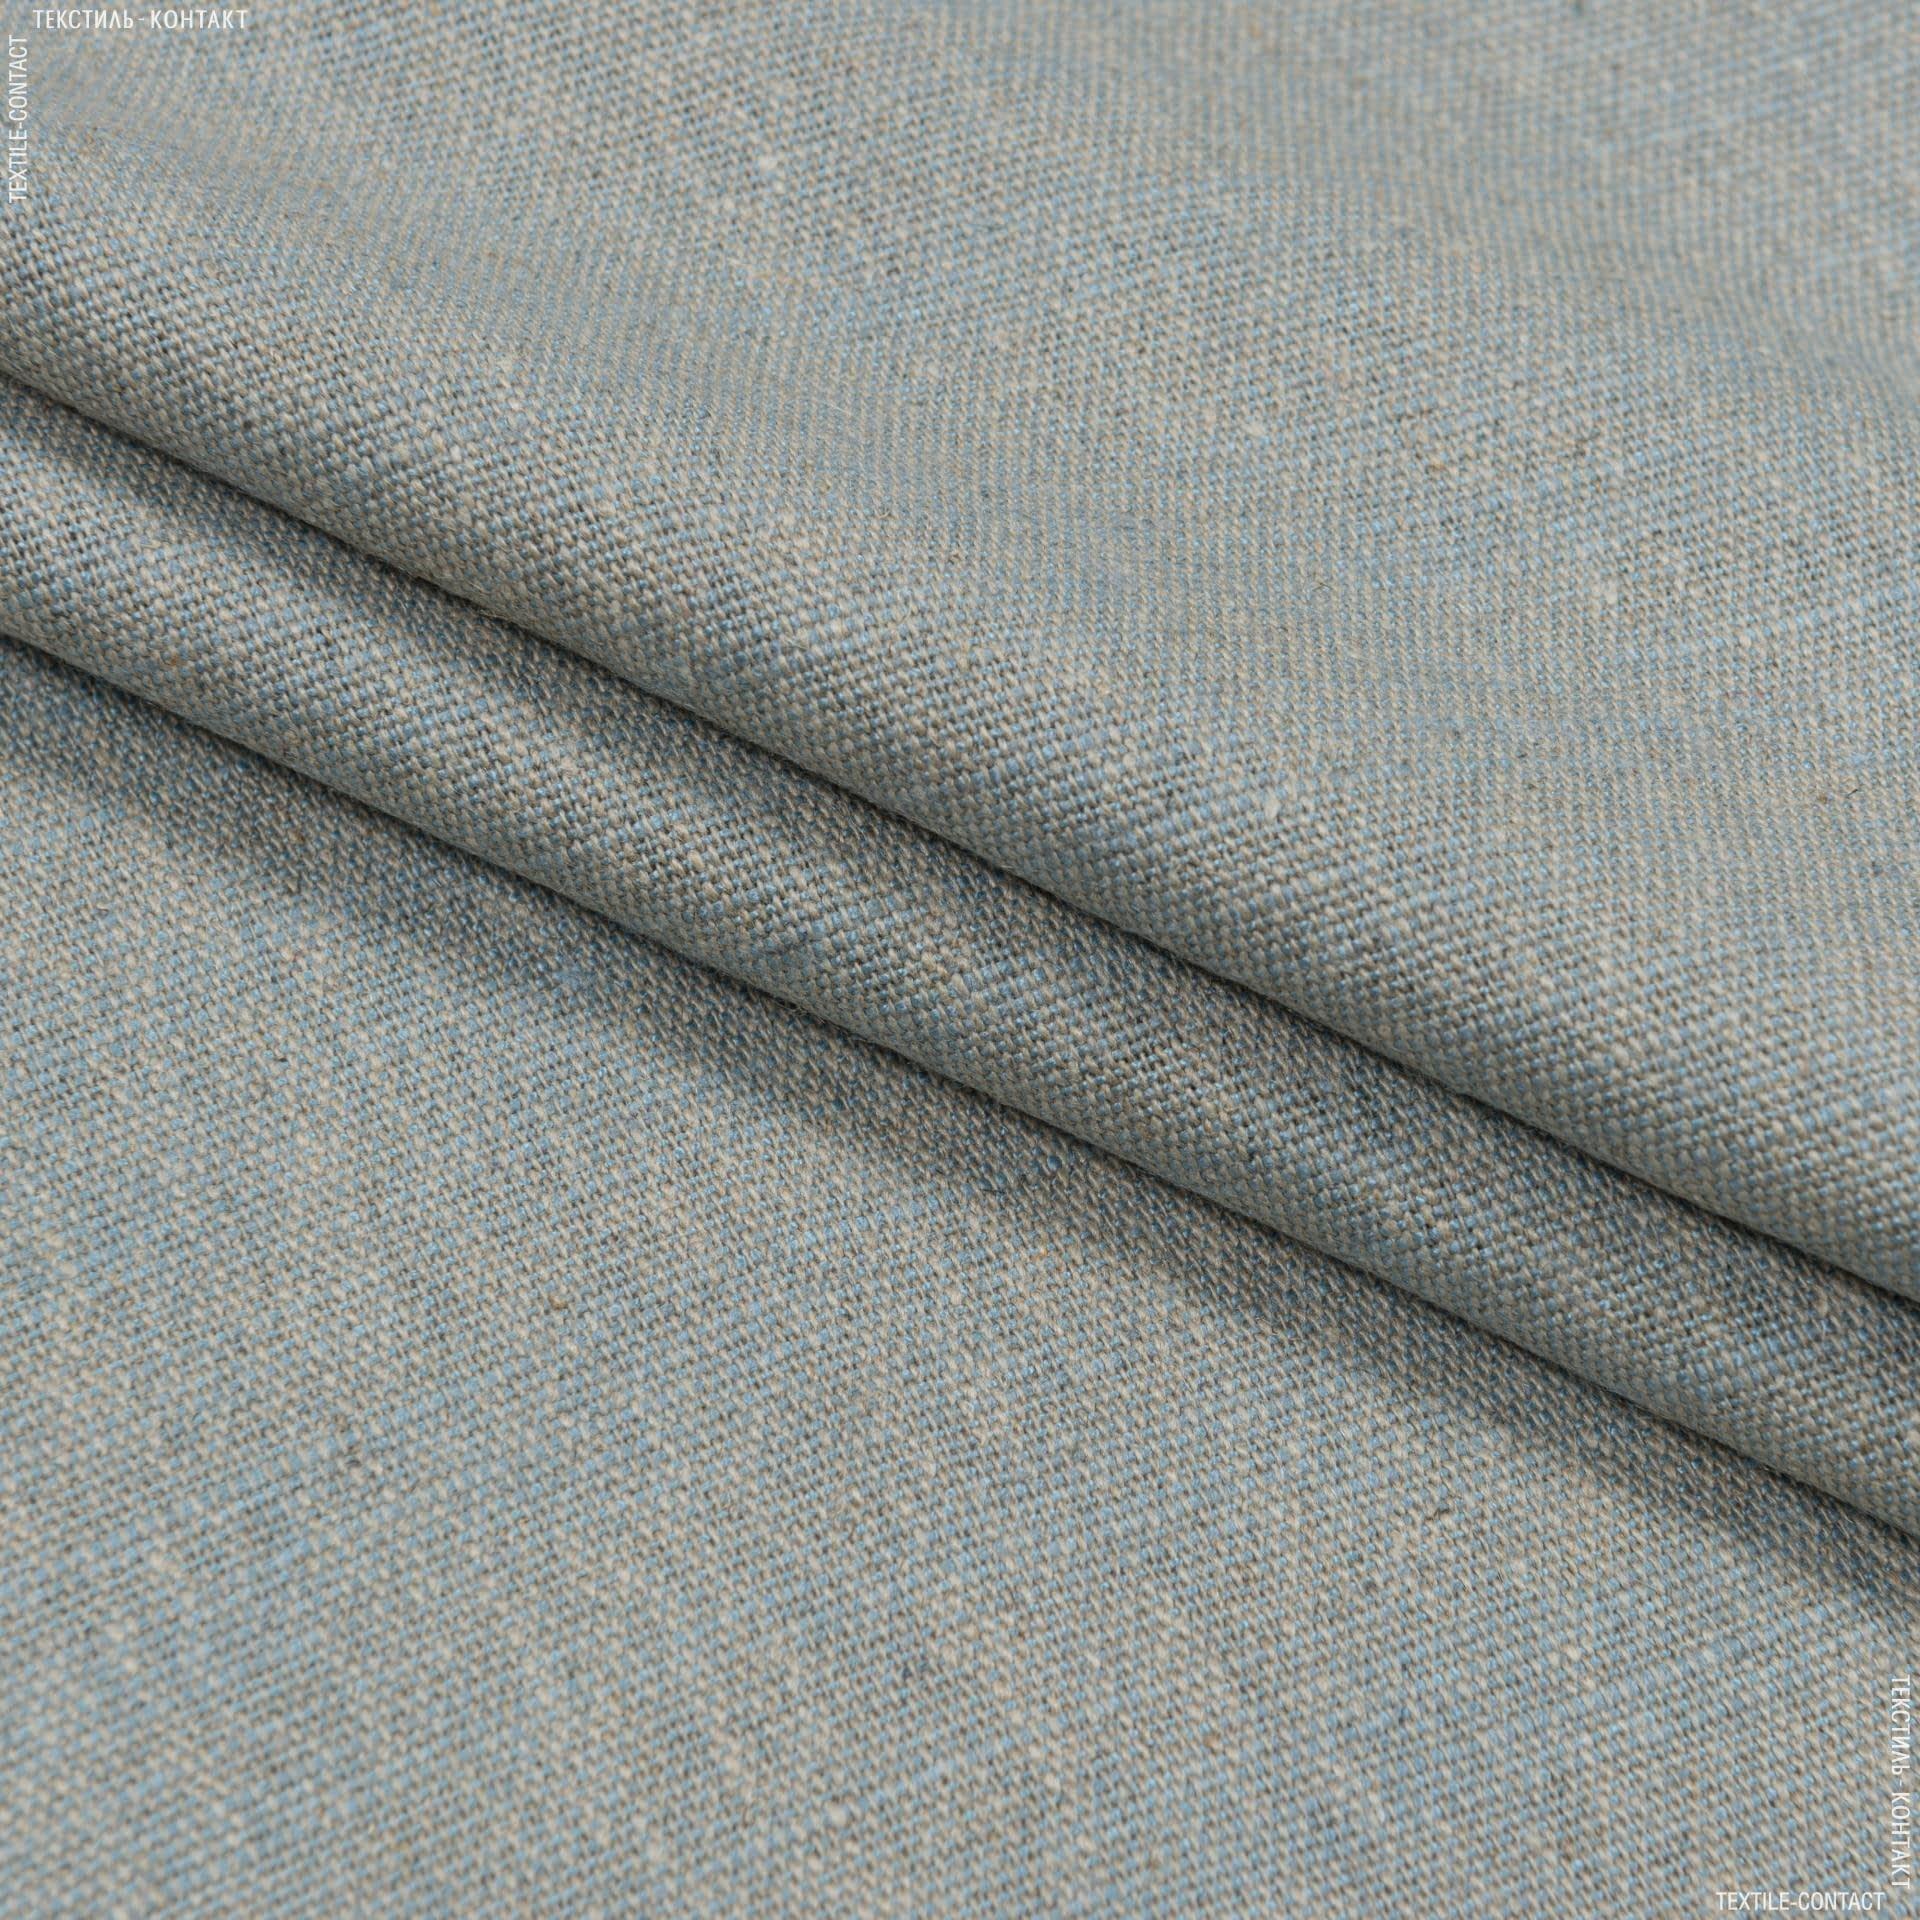 Ткани портьерные ткани - Декоративная ткань  танами / tanami беж/серо-голубой